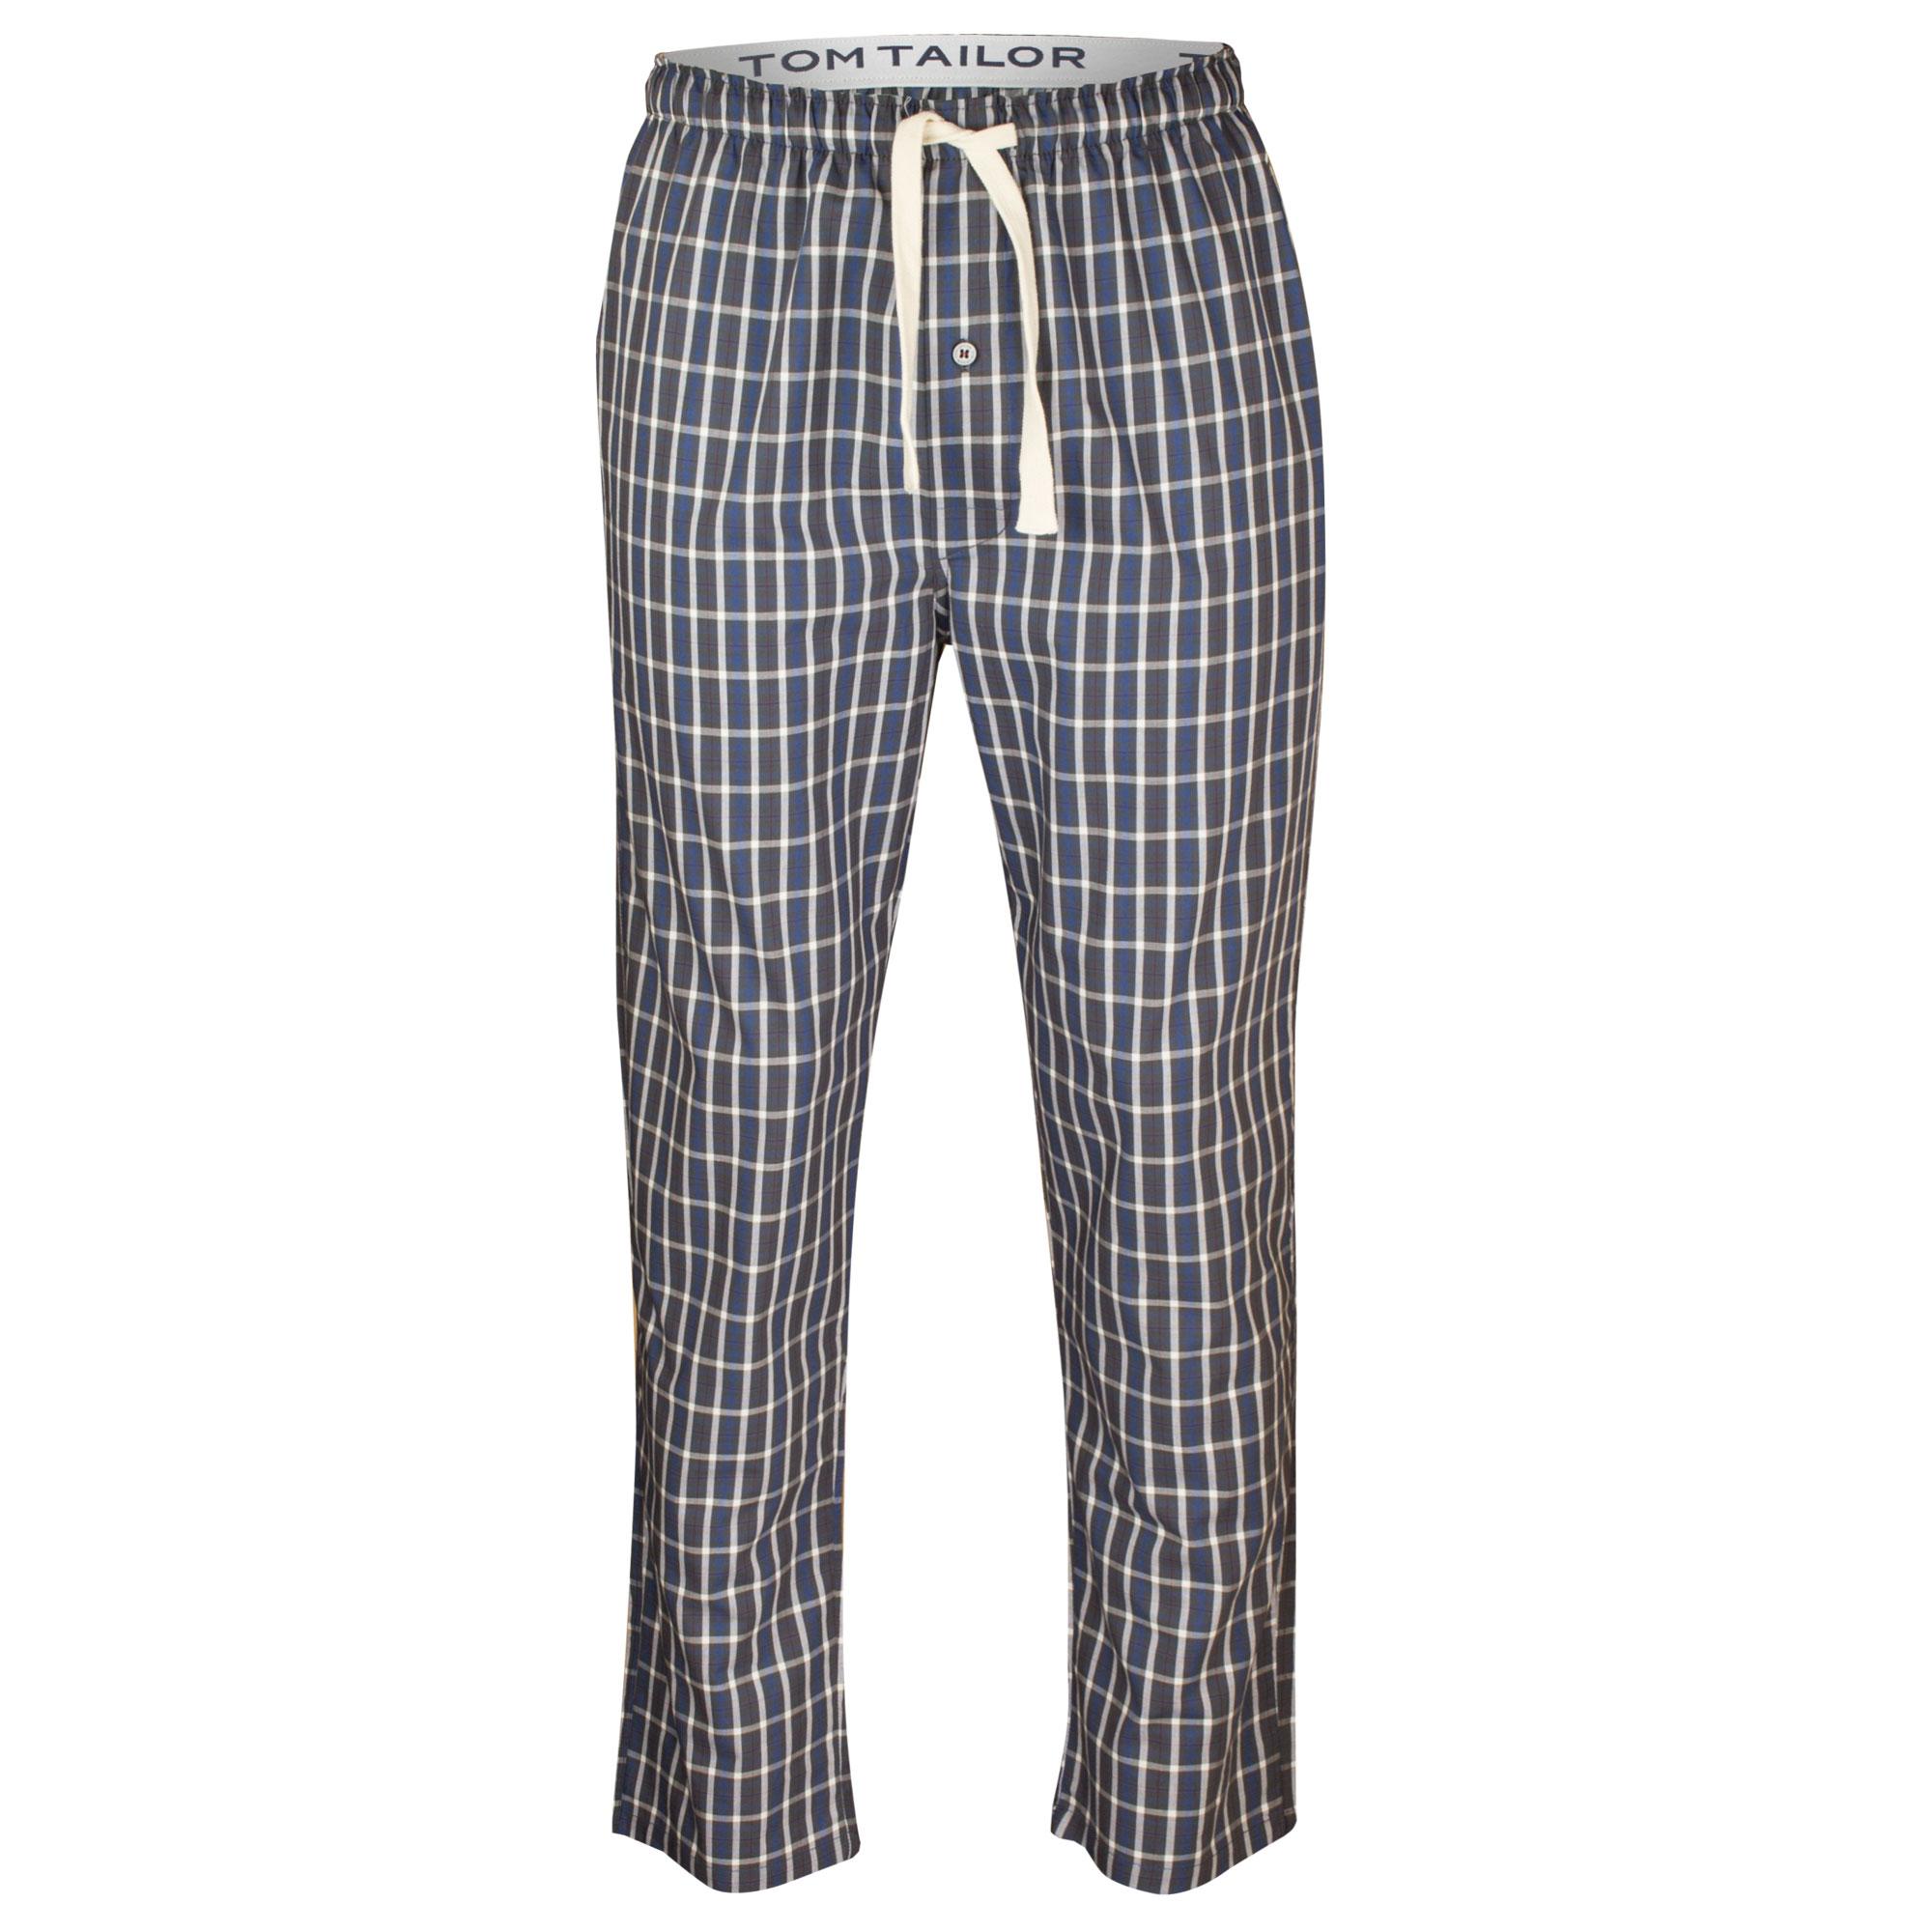 Tom Tailor Herren Pyjama Hose lang 71047, 71048 – Bild 2